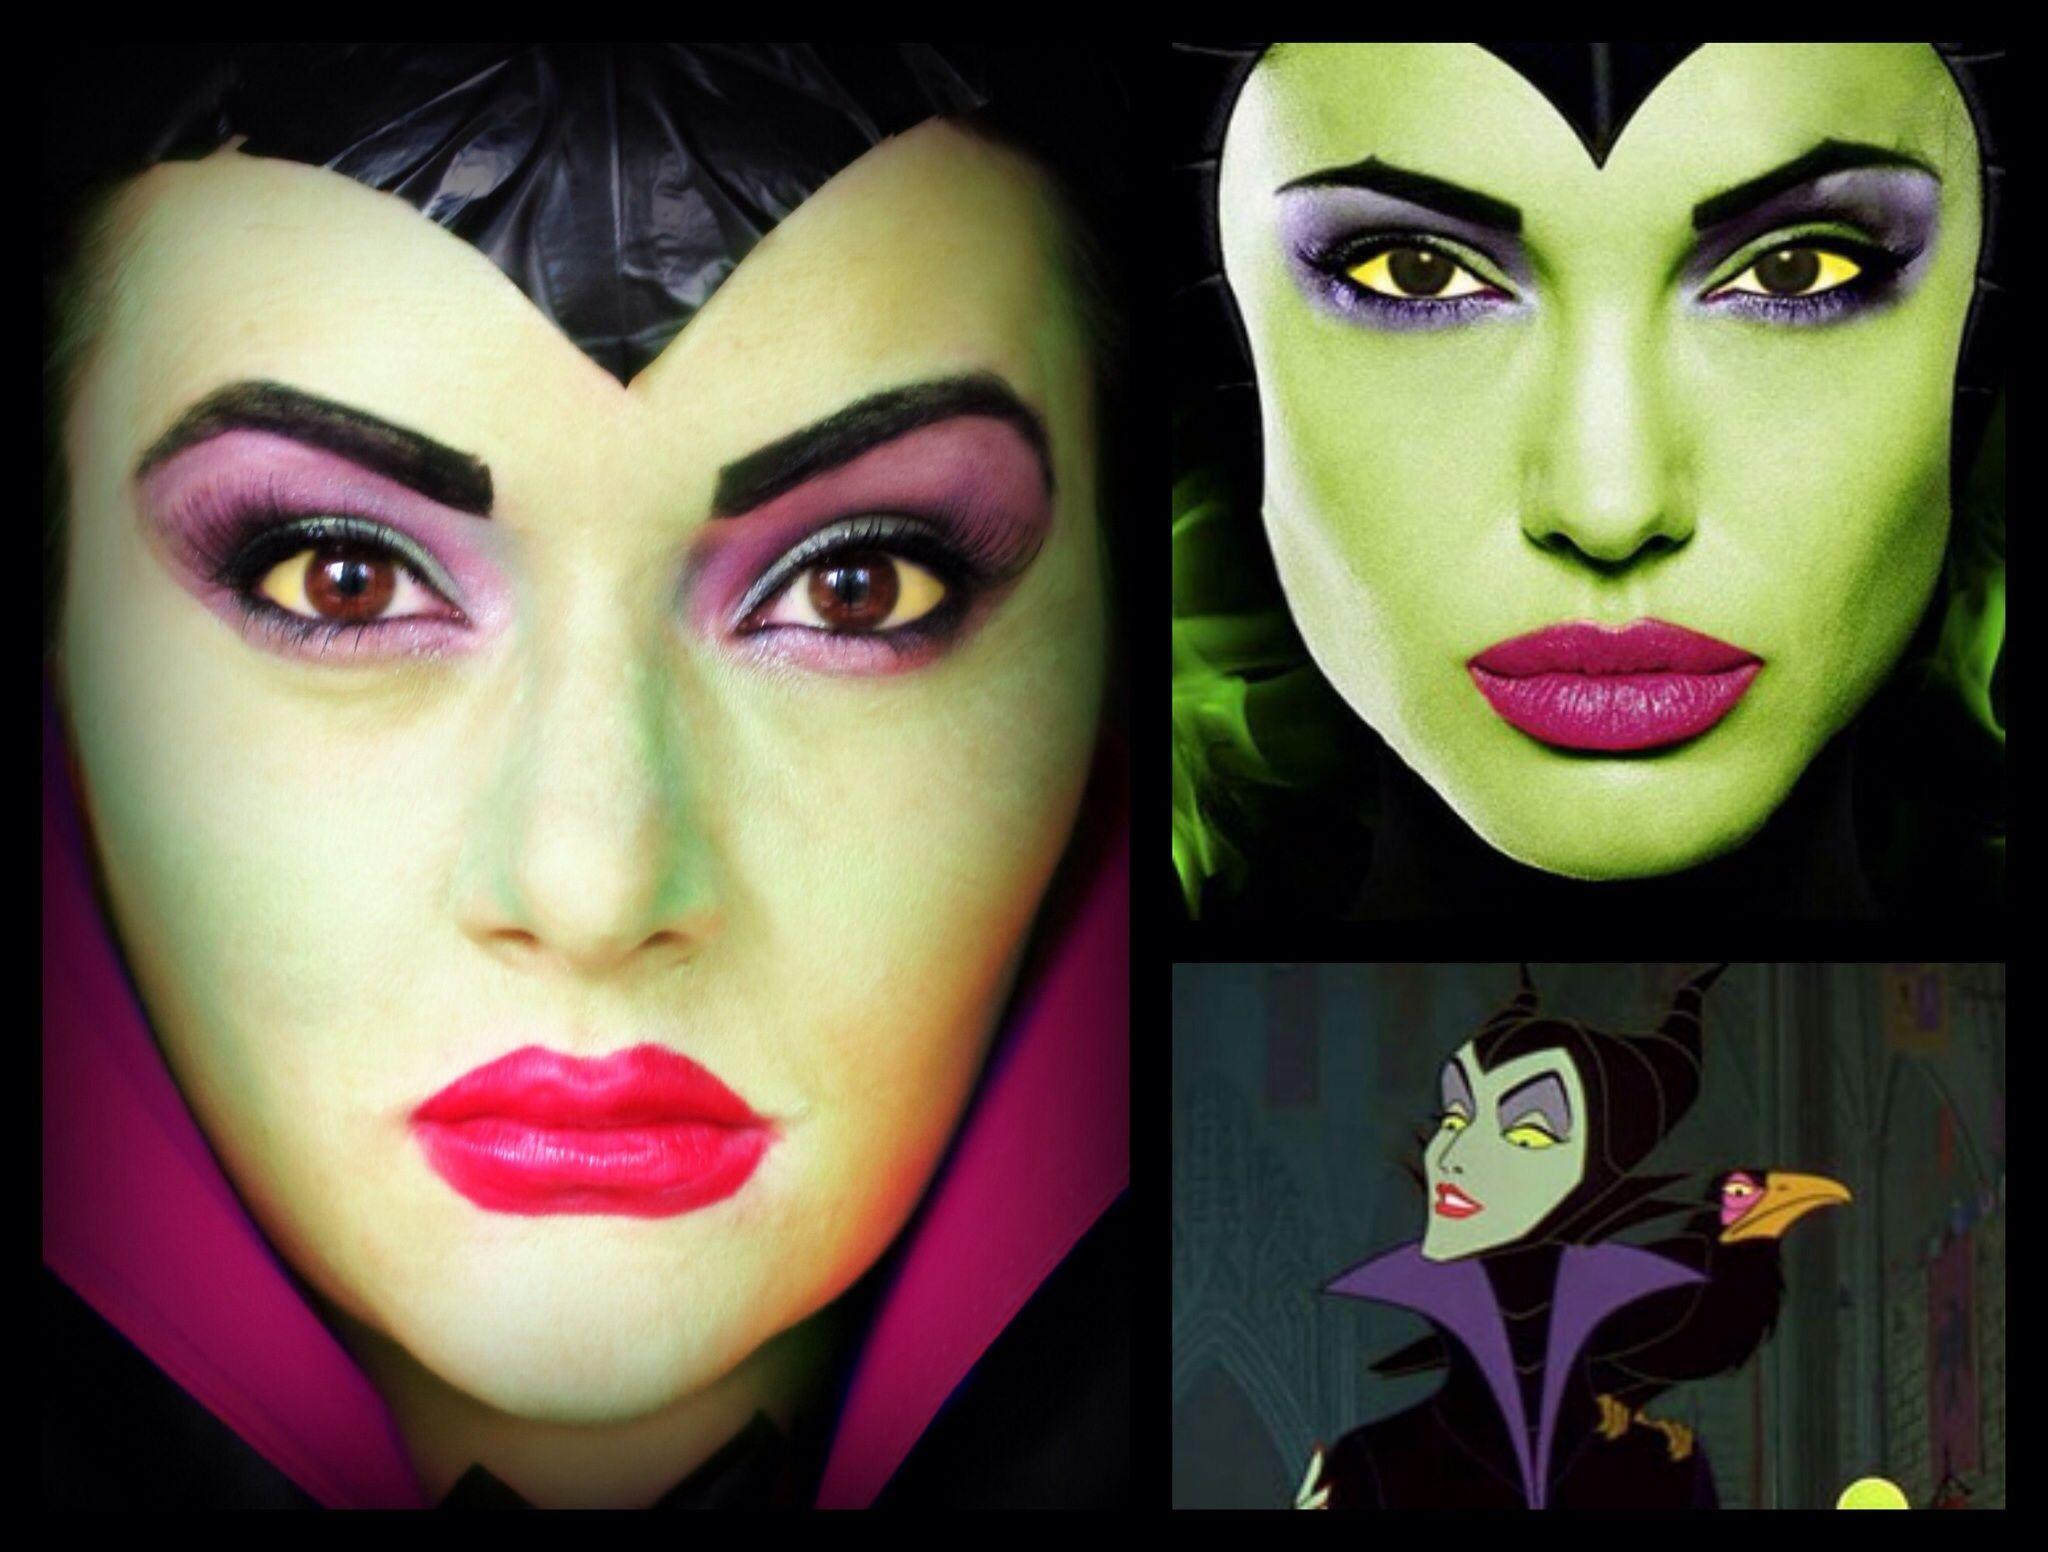 maleficent halloween makeup - evil queen in disney's sleeping beauty